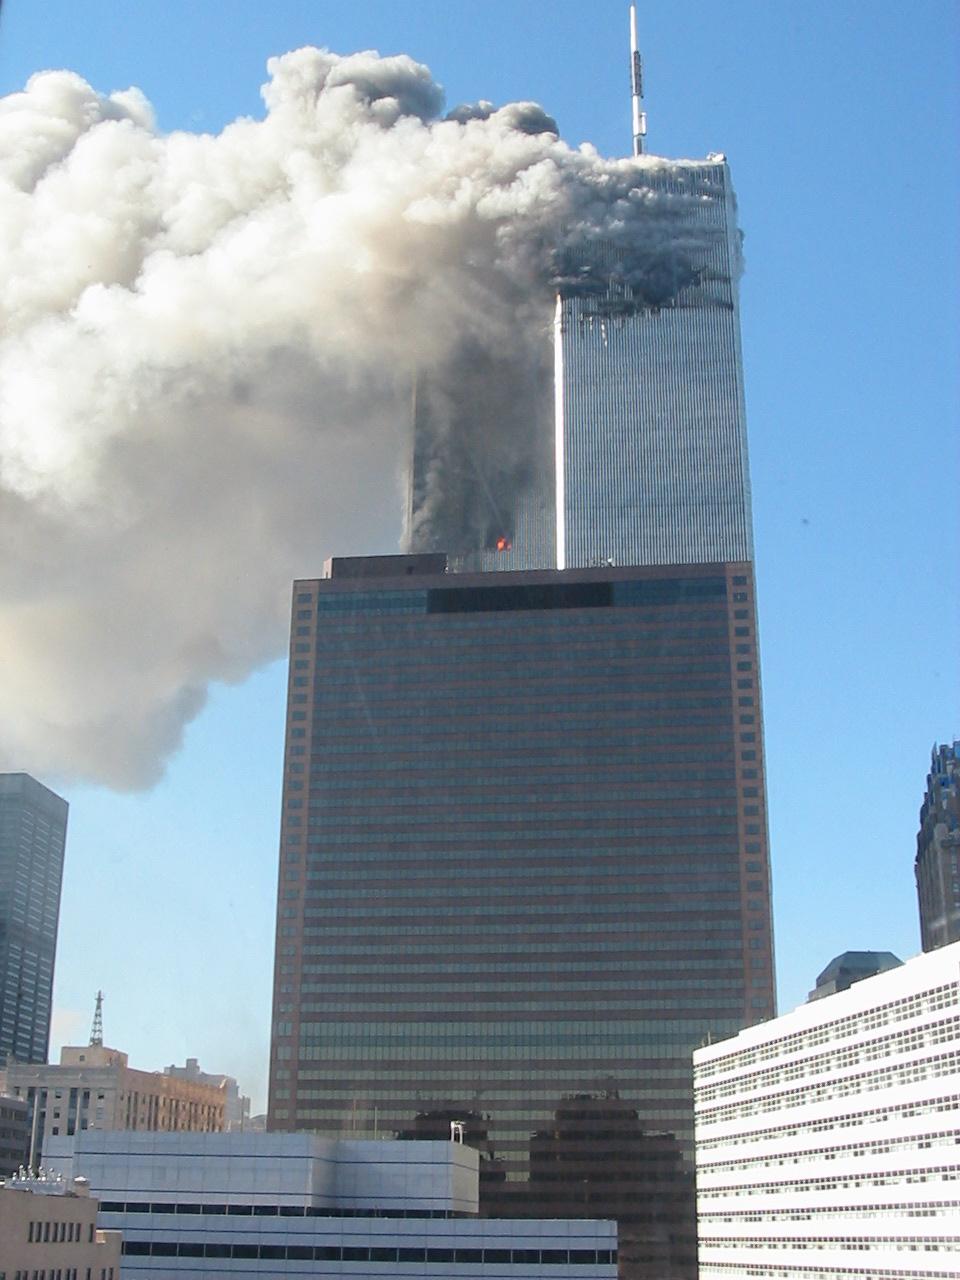 Tims 9/11 Archiv: Bilder von Feuer, Einsturz und